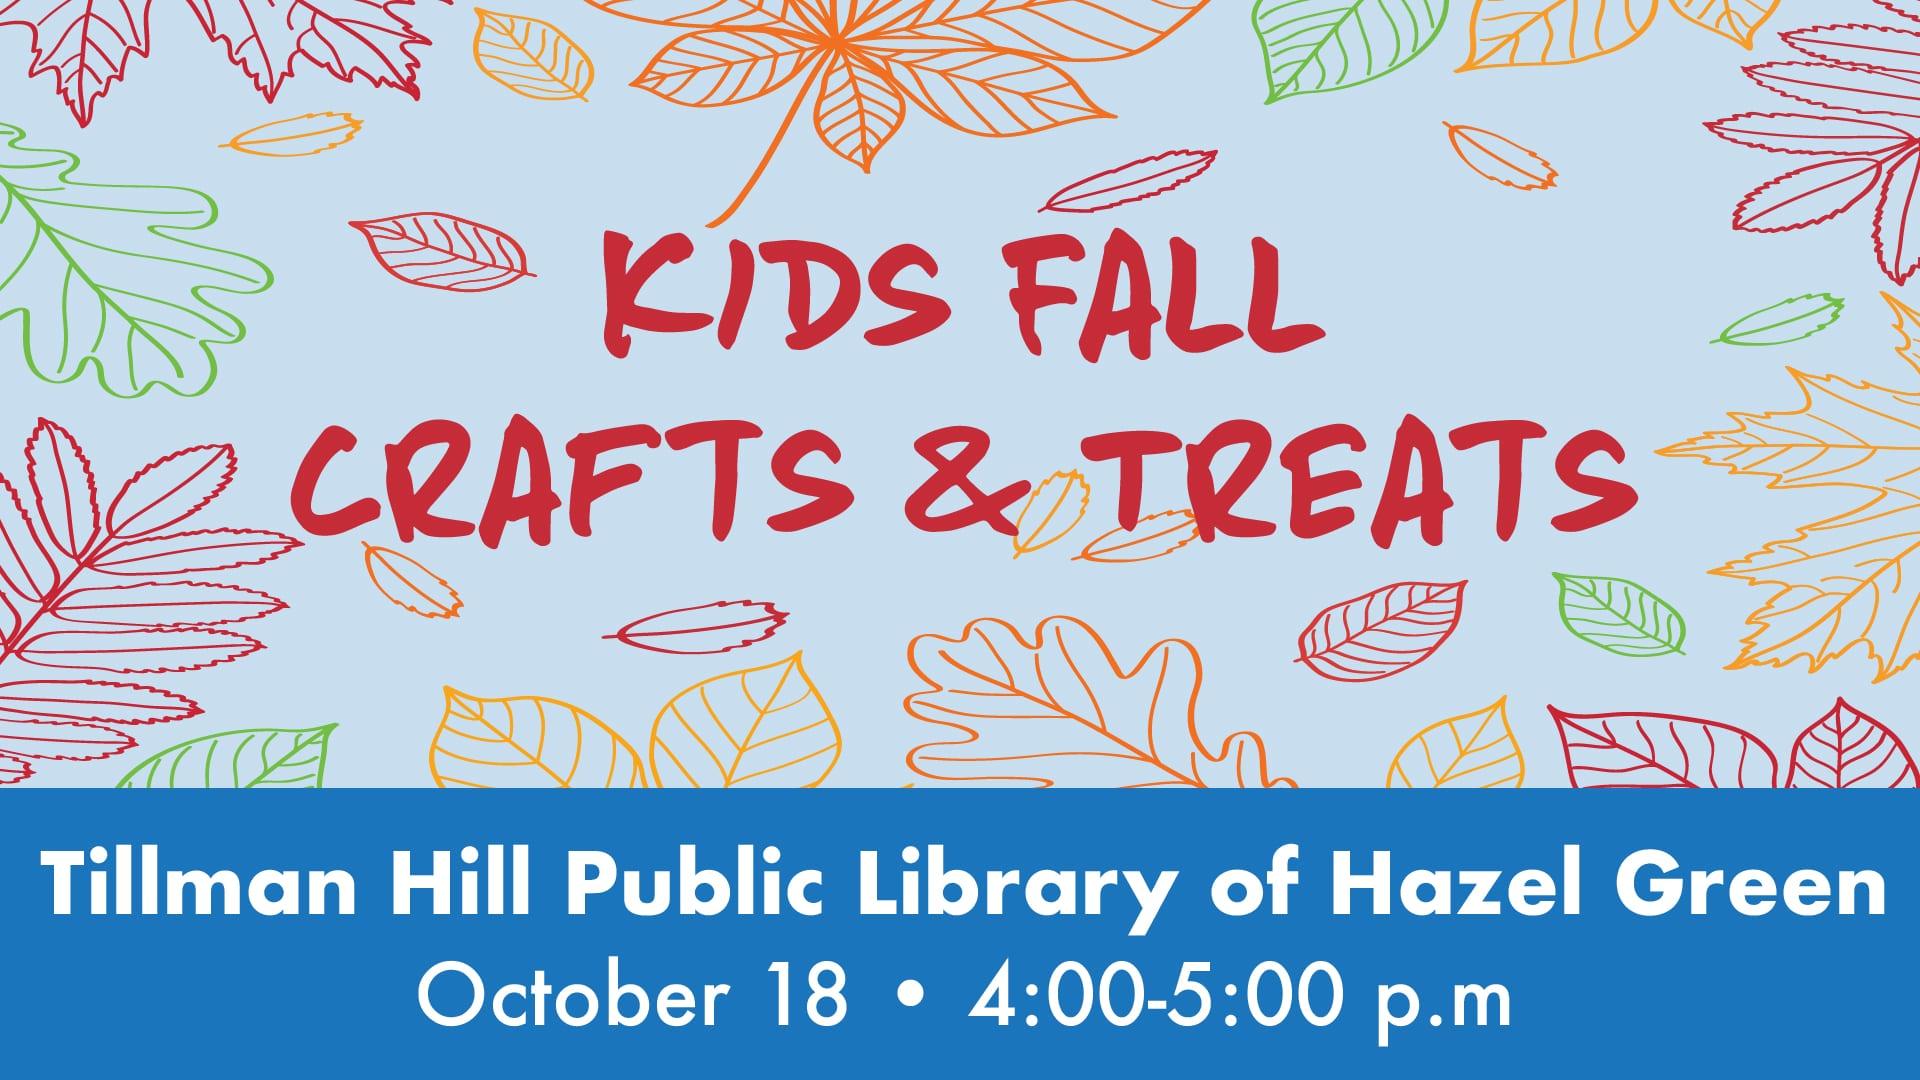 Kids Fall Crafts & Treats